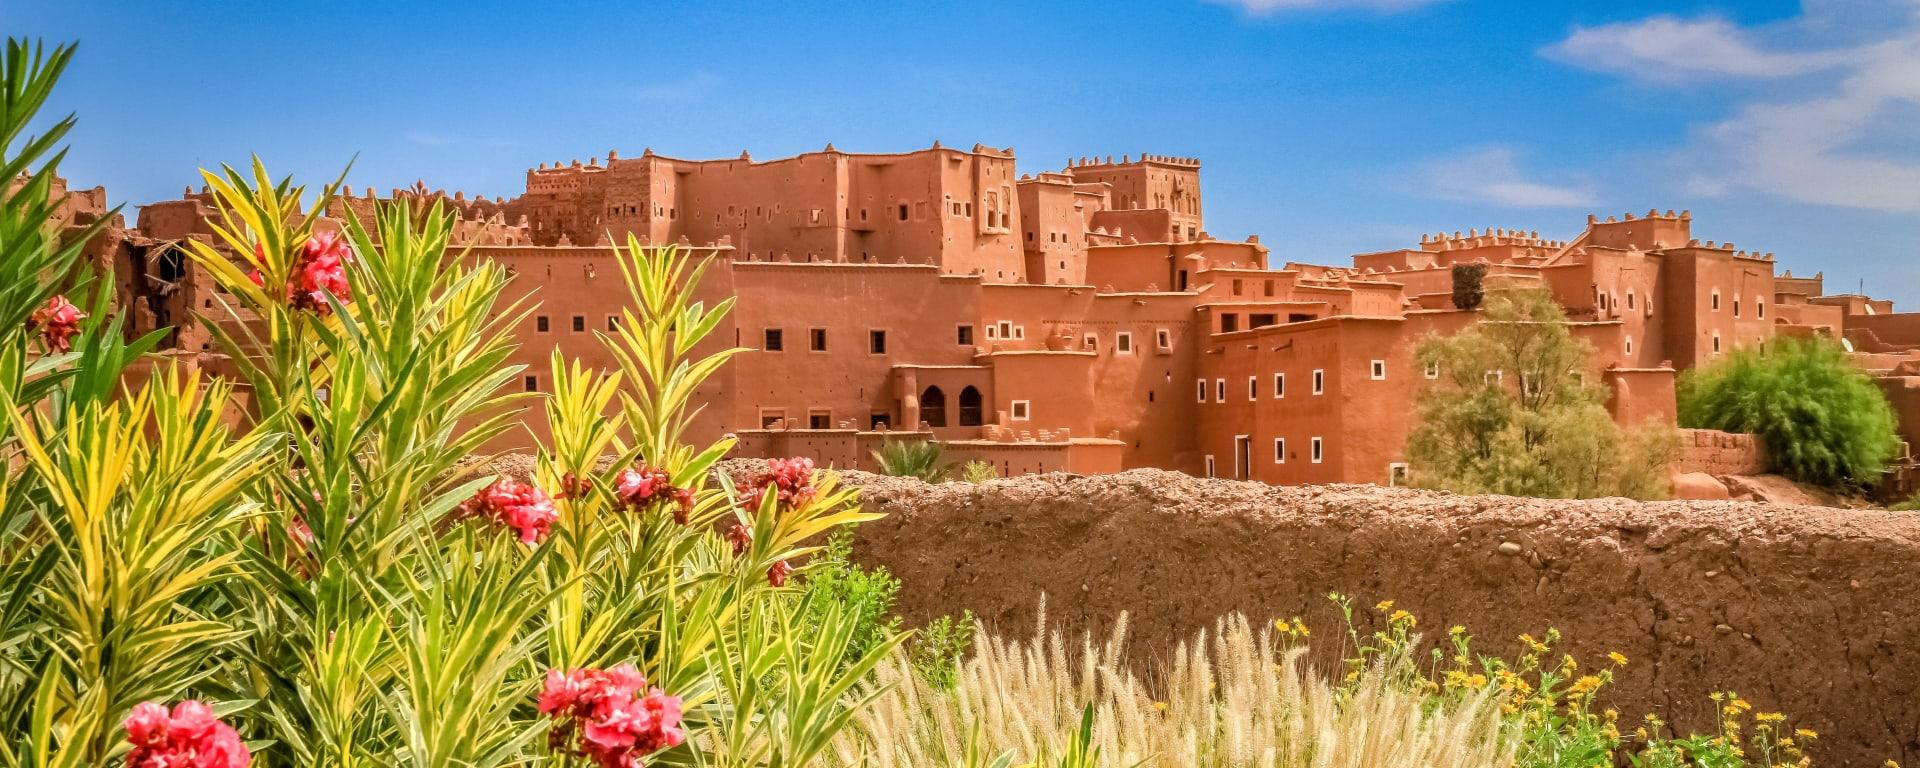 Auf den Straßen und Pisten des Königreichs ab Marrakesch: Ouarzazate